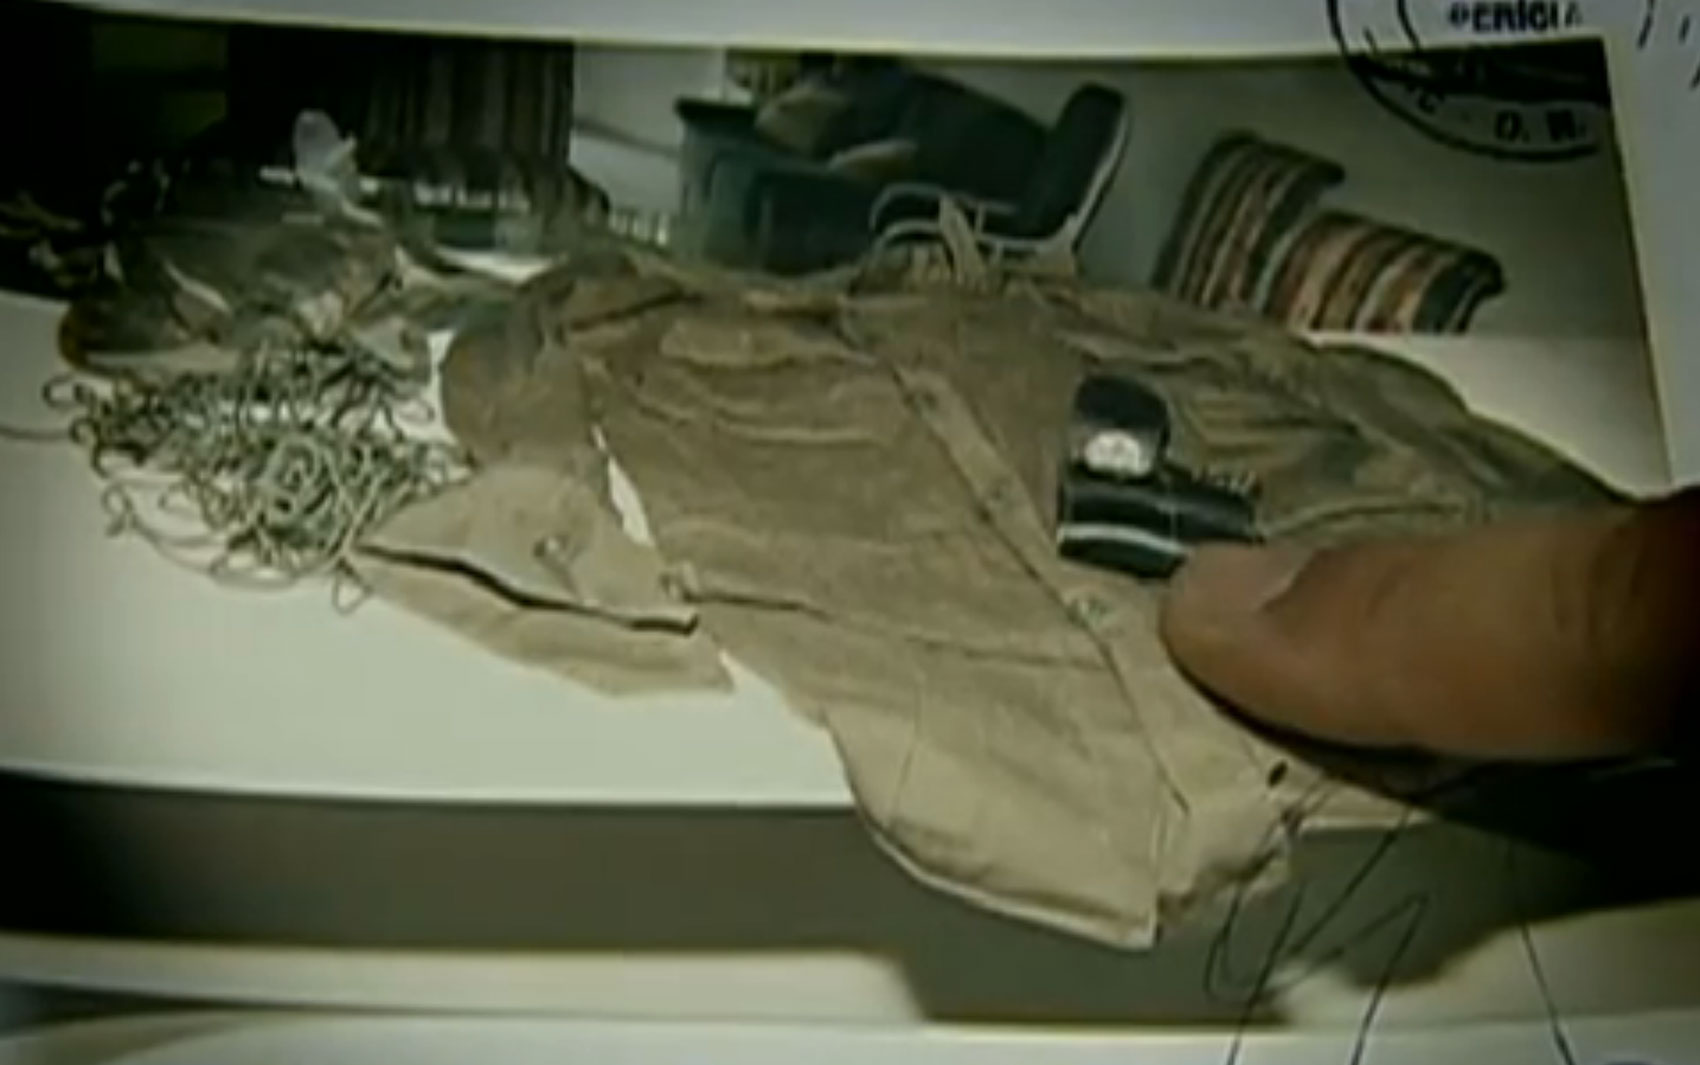 No quarto de Gil Rugai, a polícia encontrou munição, um certificado para compra de um coldre para pistola, um certificado de curso de tiro e a tampa de um baú perfurada por disparo de pistola igual à que causou a morte do casal.